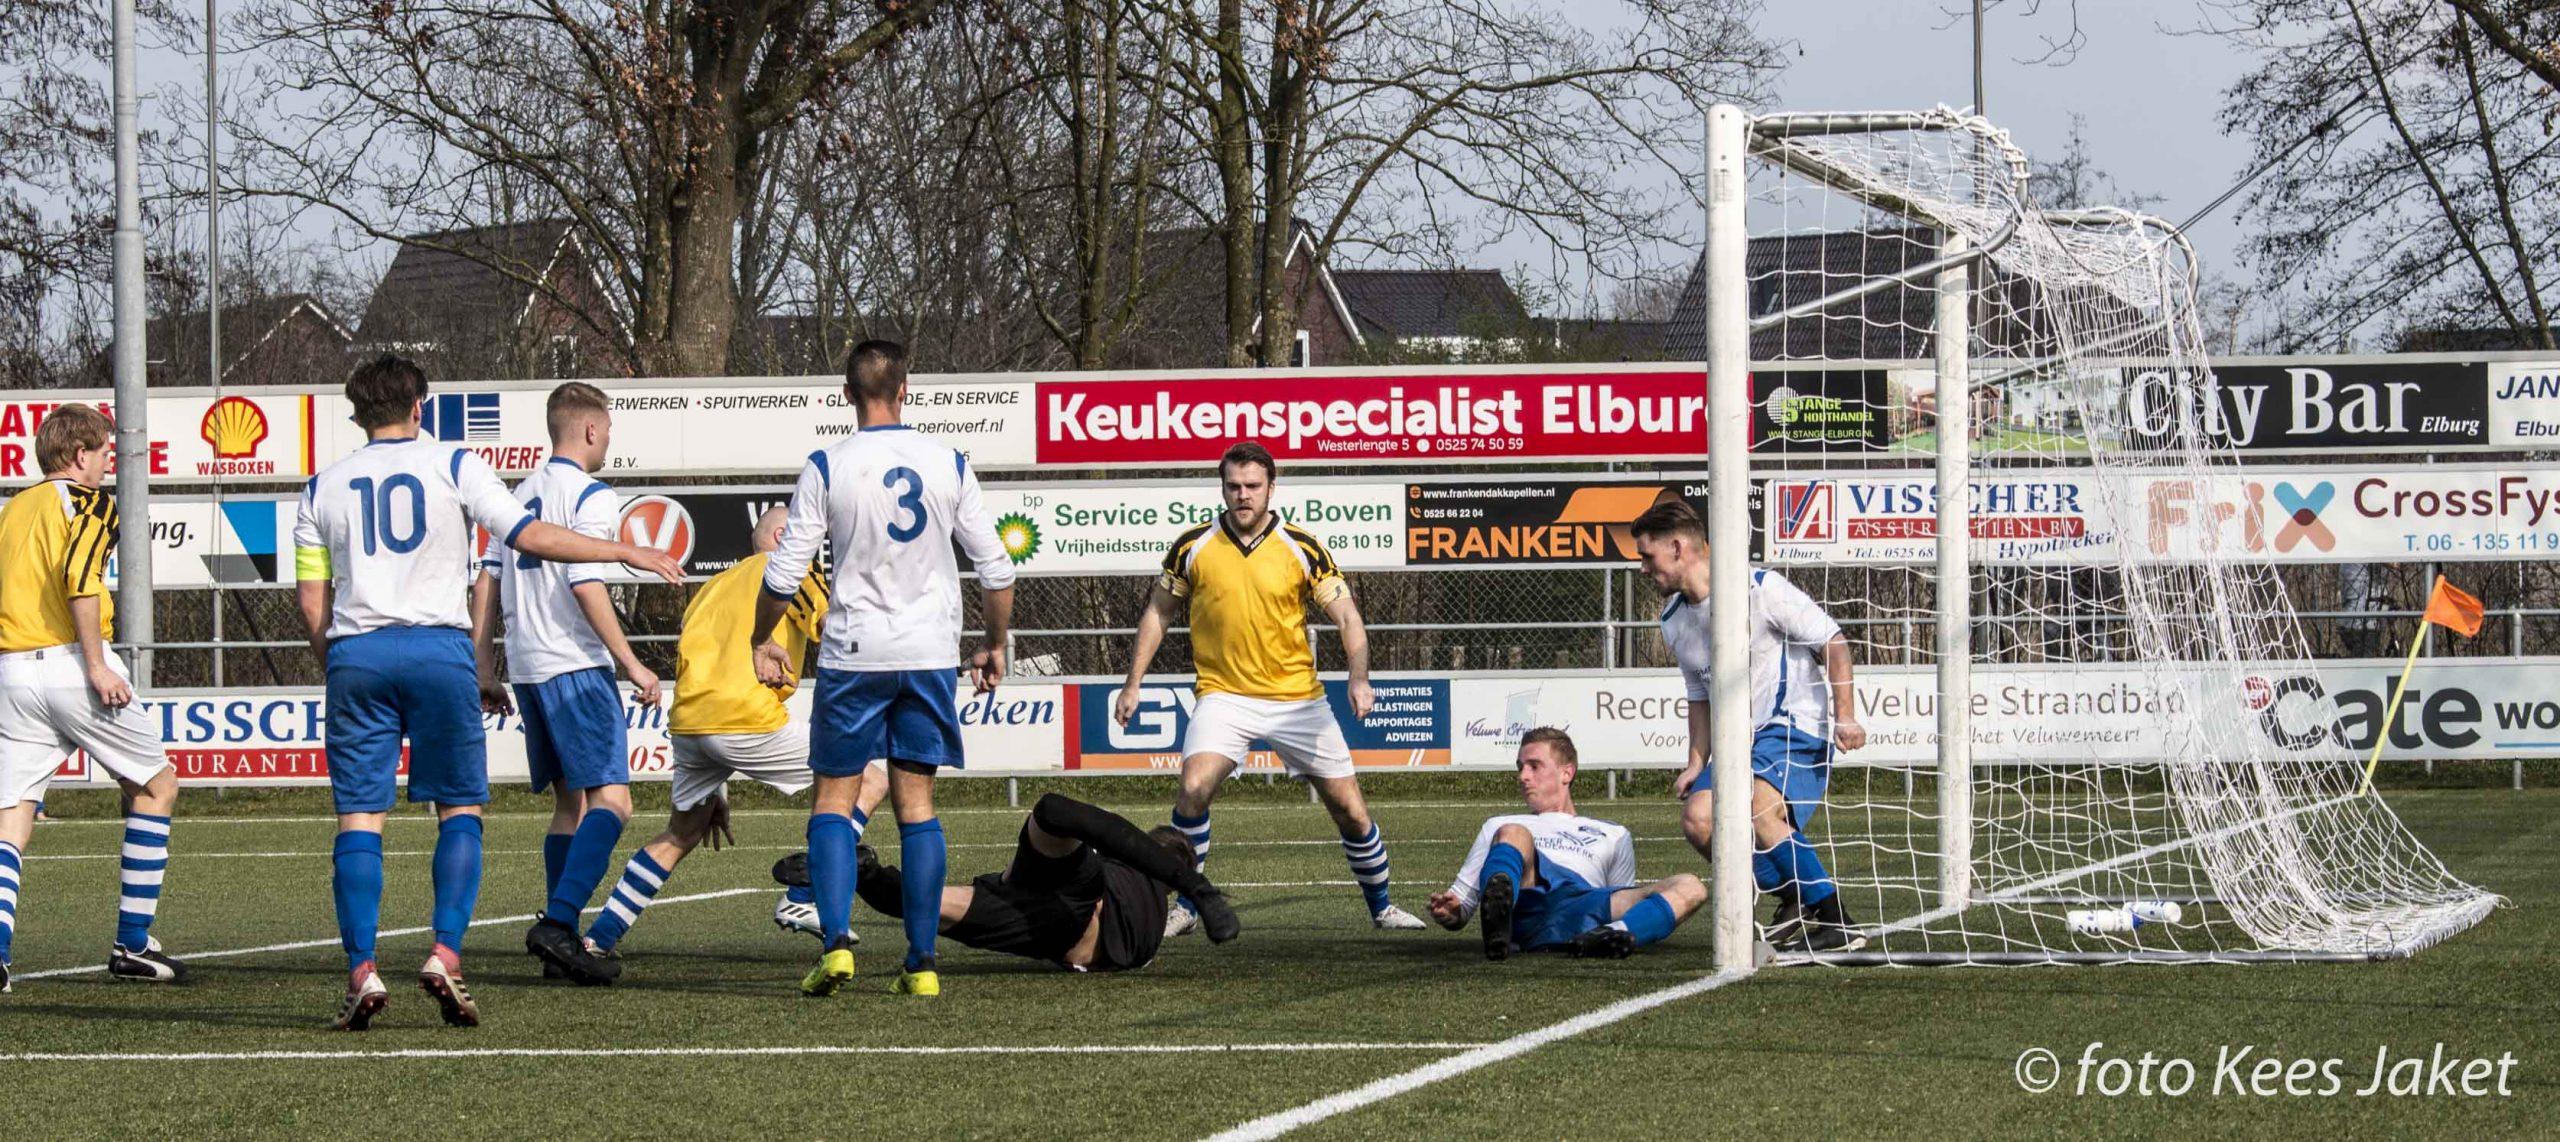 ESC 3 naar de halve finale van de beker - Elburger SC